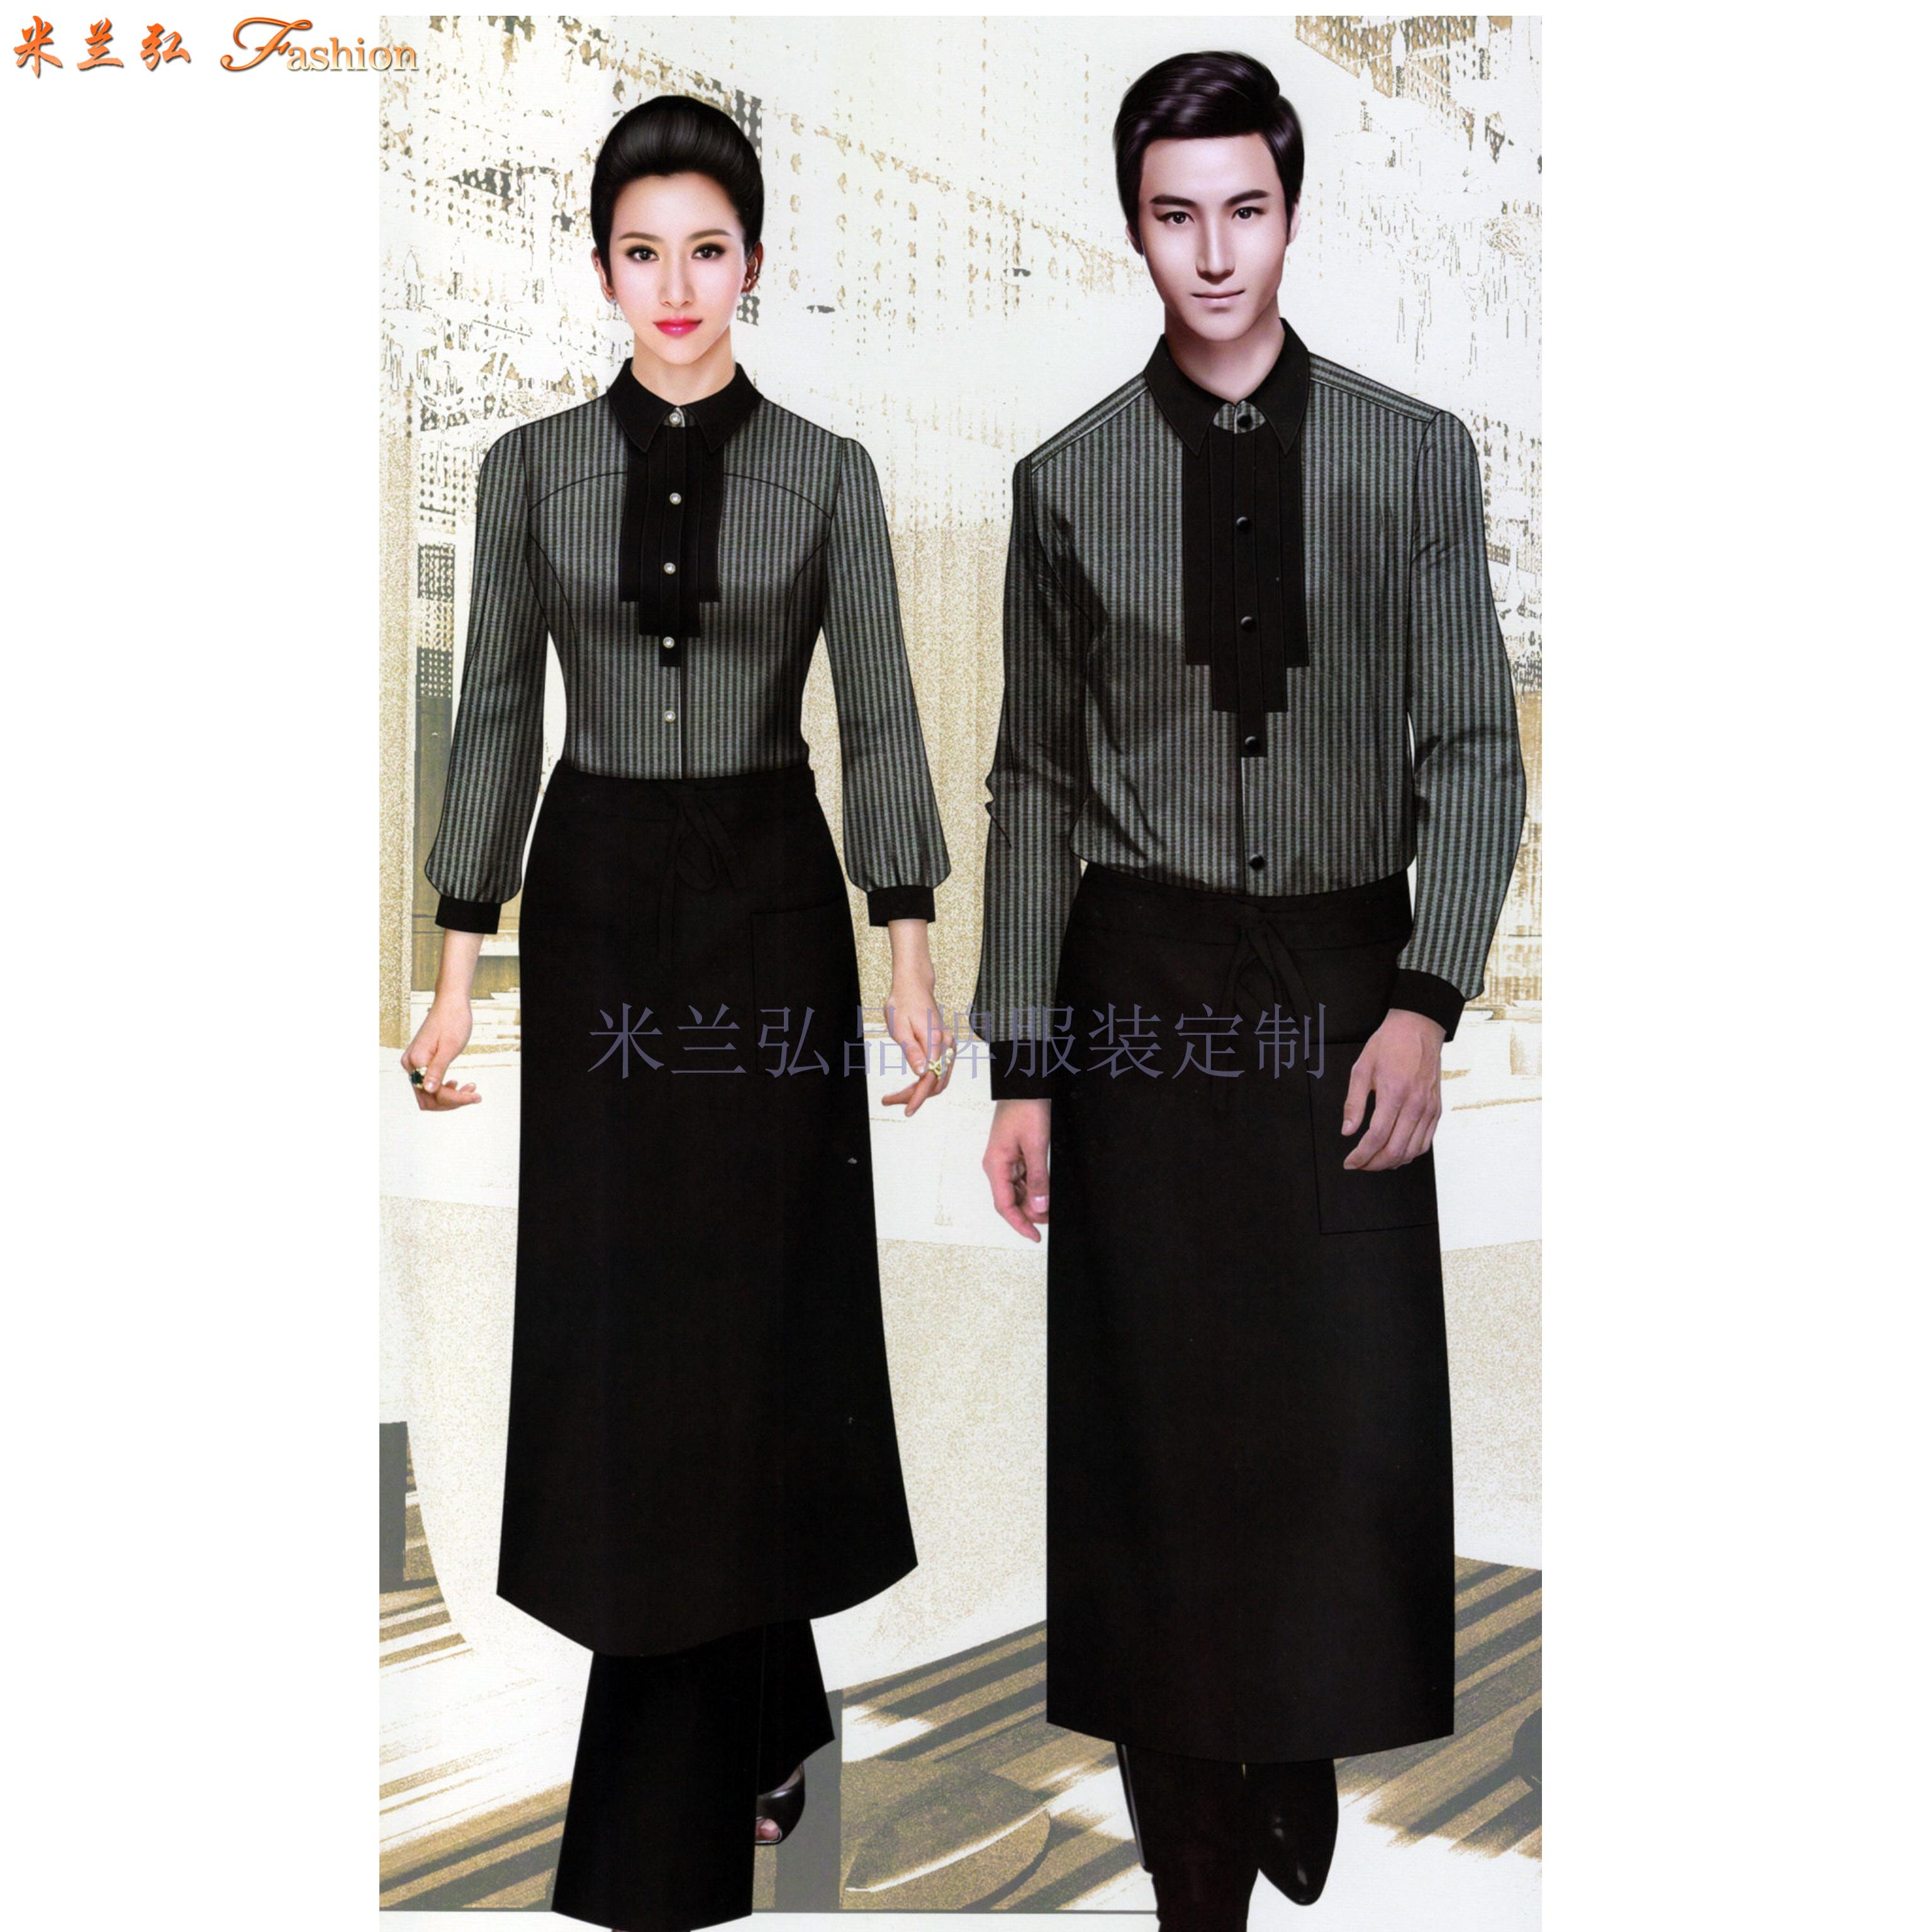 北京酒店服裝定做_廠家_價格_圖片_怎么樣-米蘭弘服裝-3